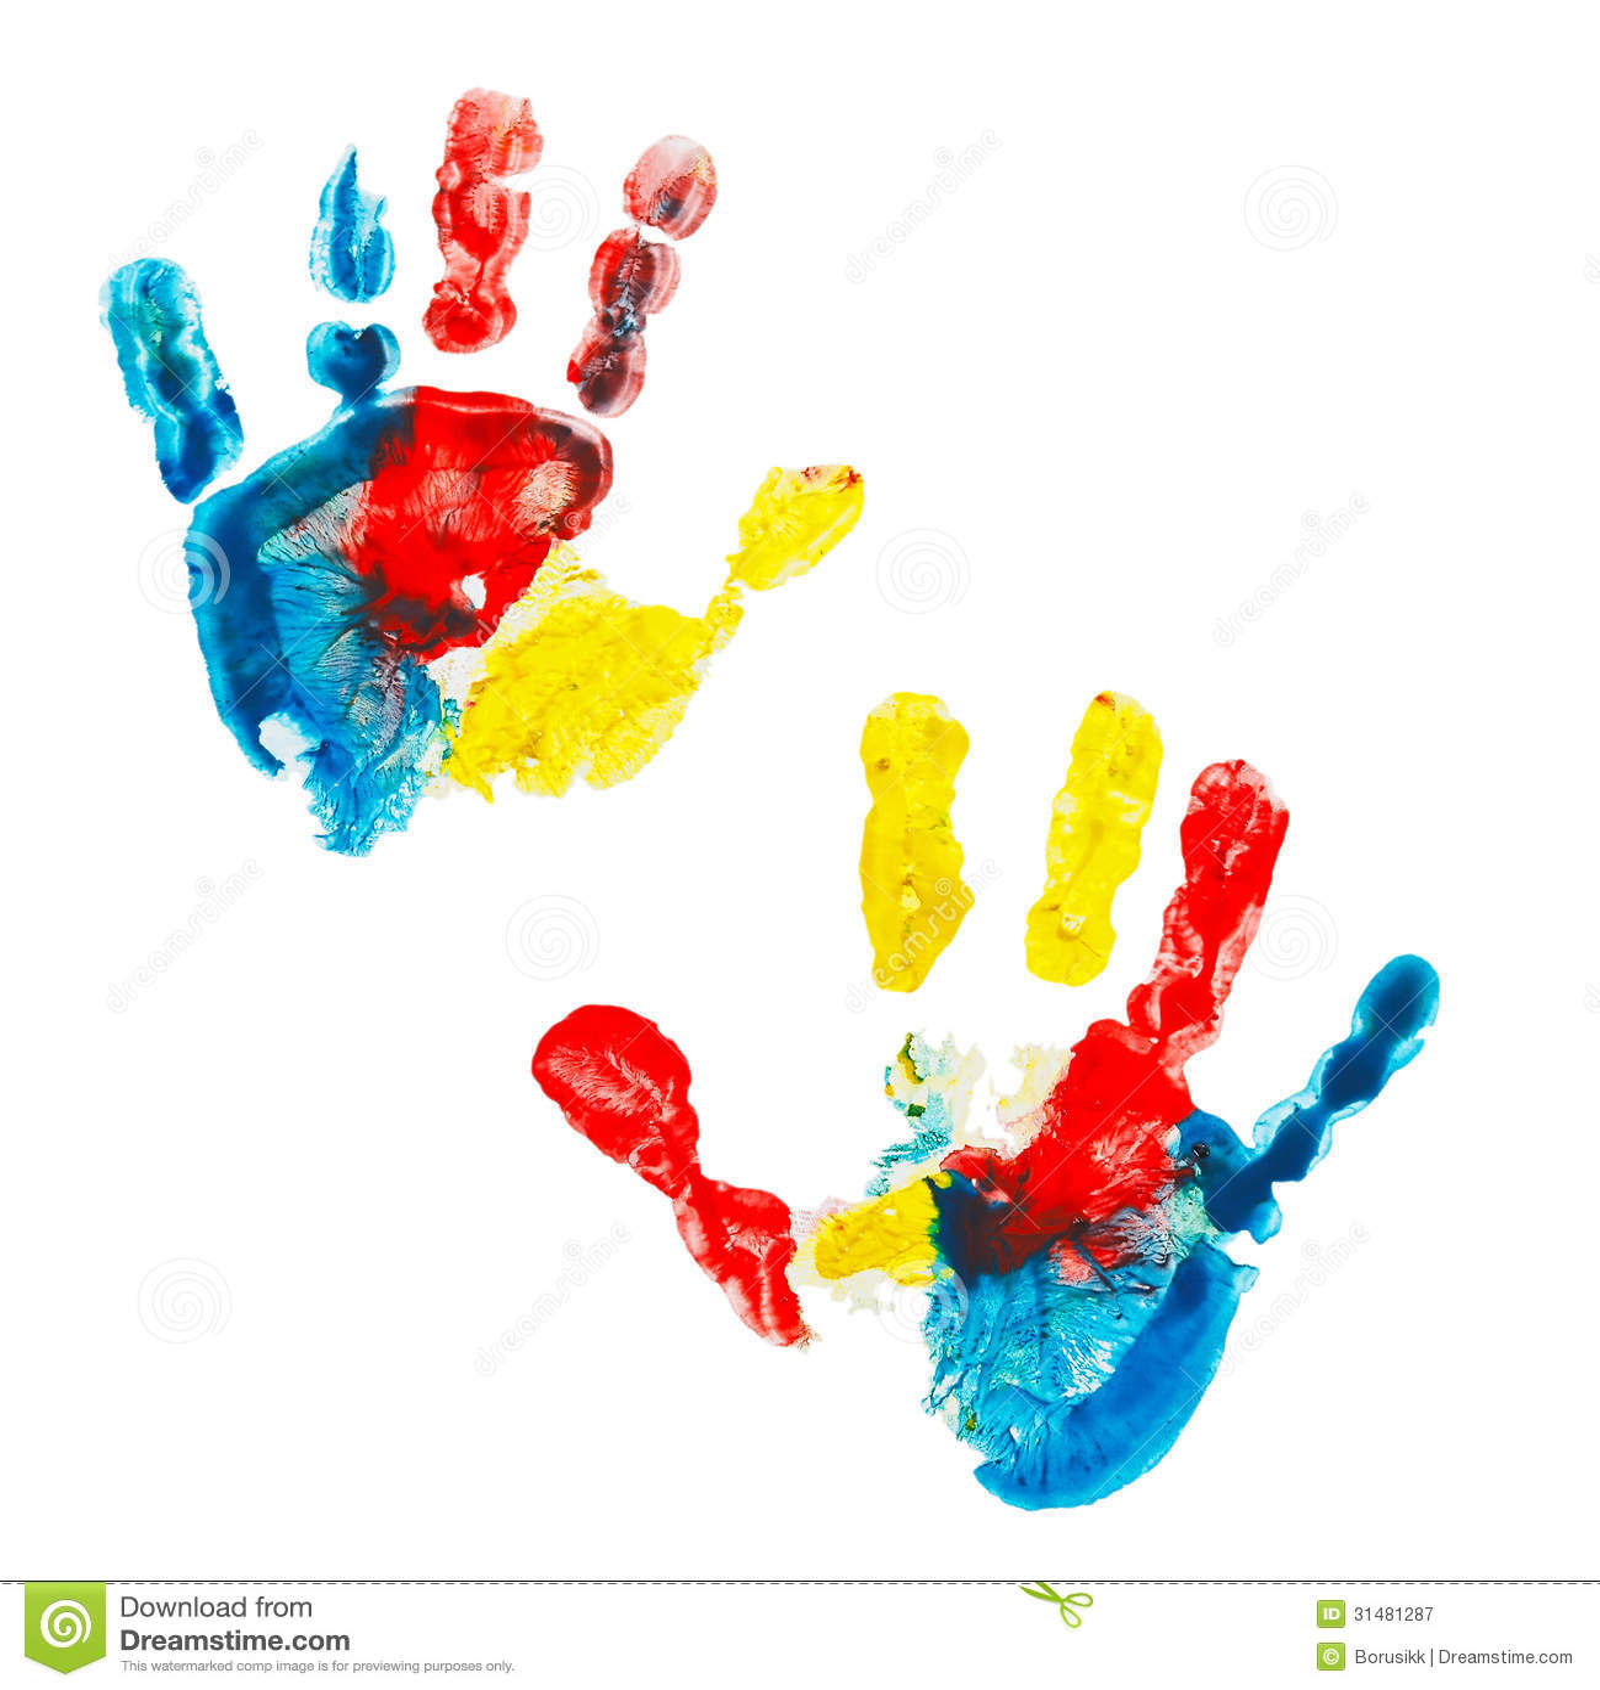 Как сделать отпечаток руки красками